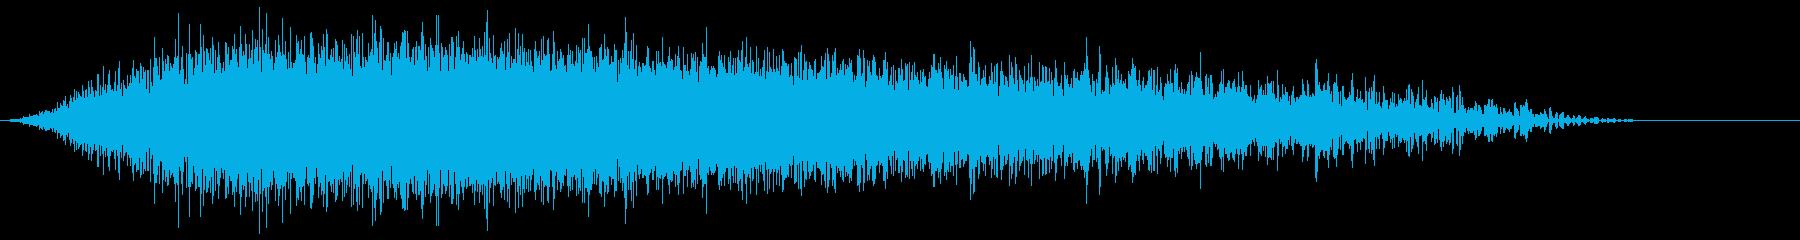 メタリックシンバルフーシュ2の再生済みの波形